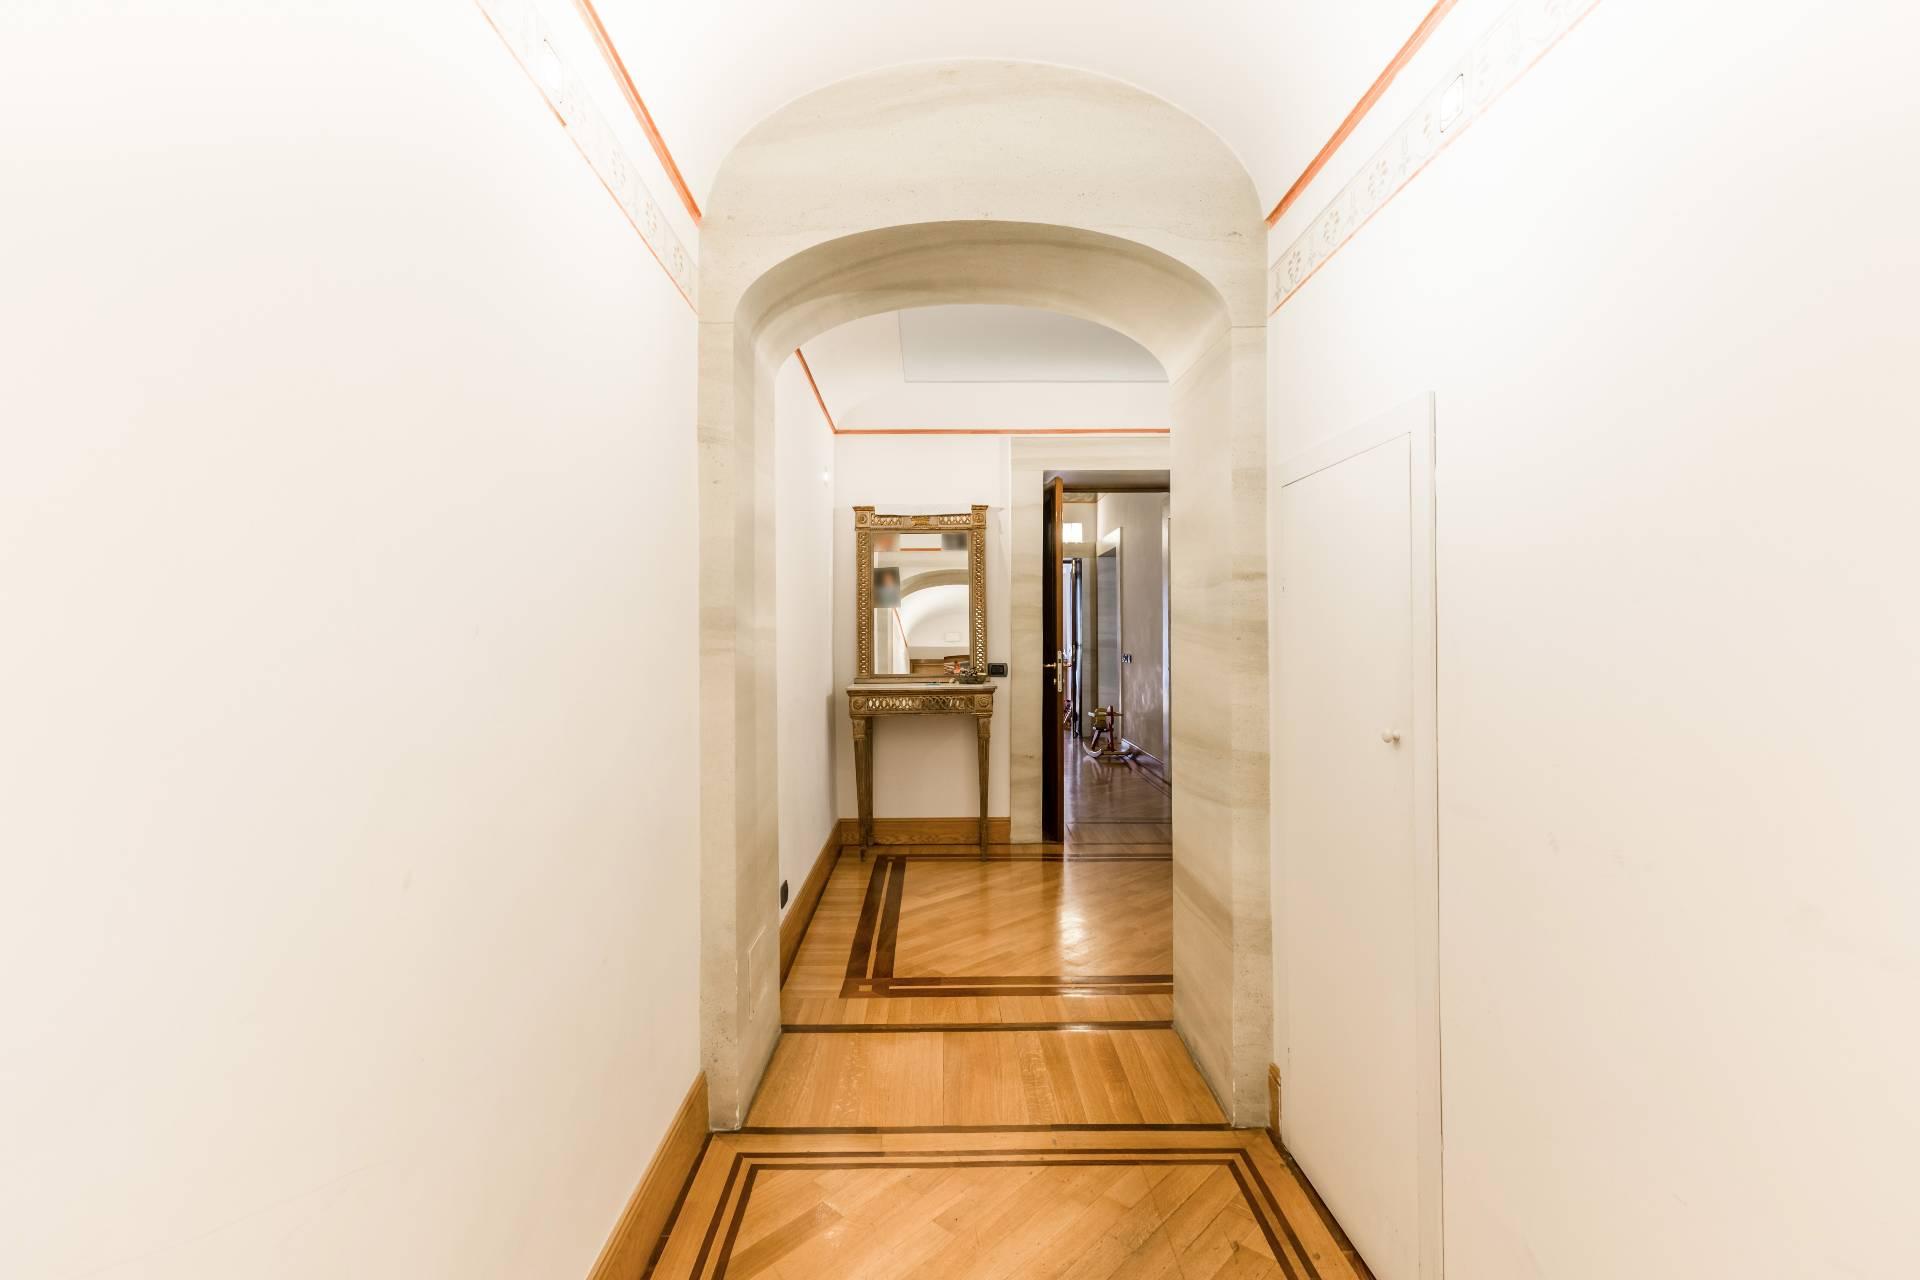 Cbi073 4555 appartamento in vendita a roma centro for Appartamento roma centro vendita